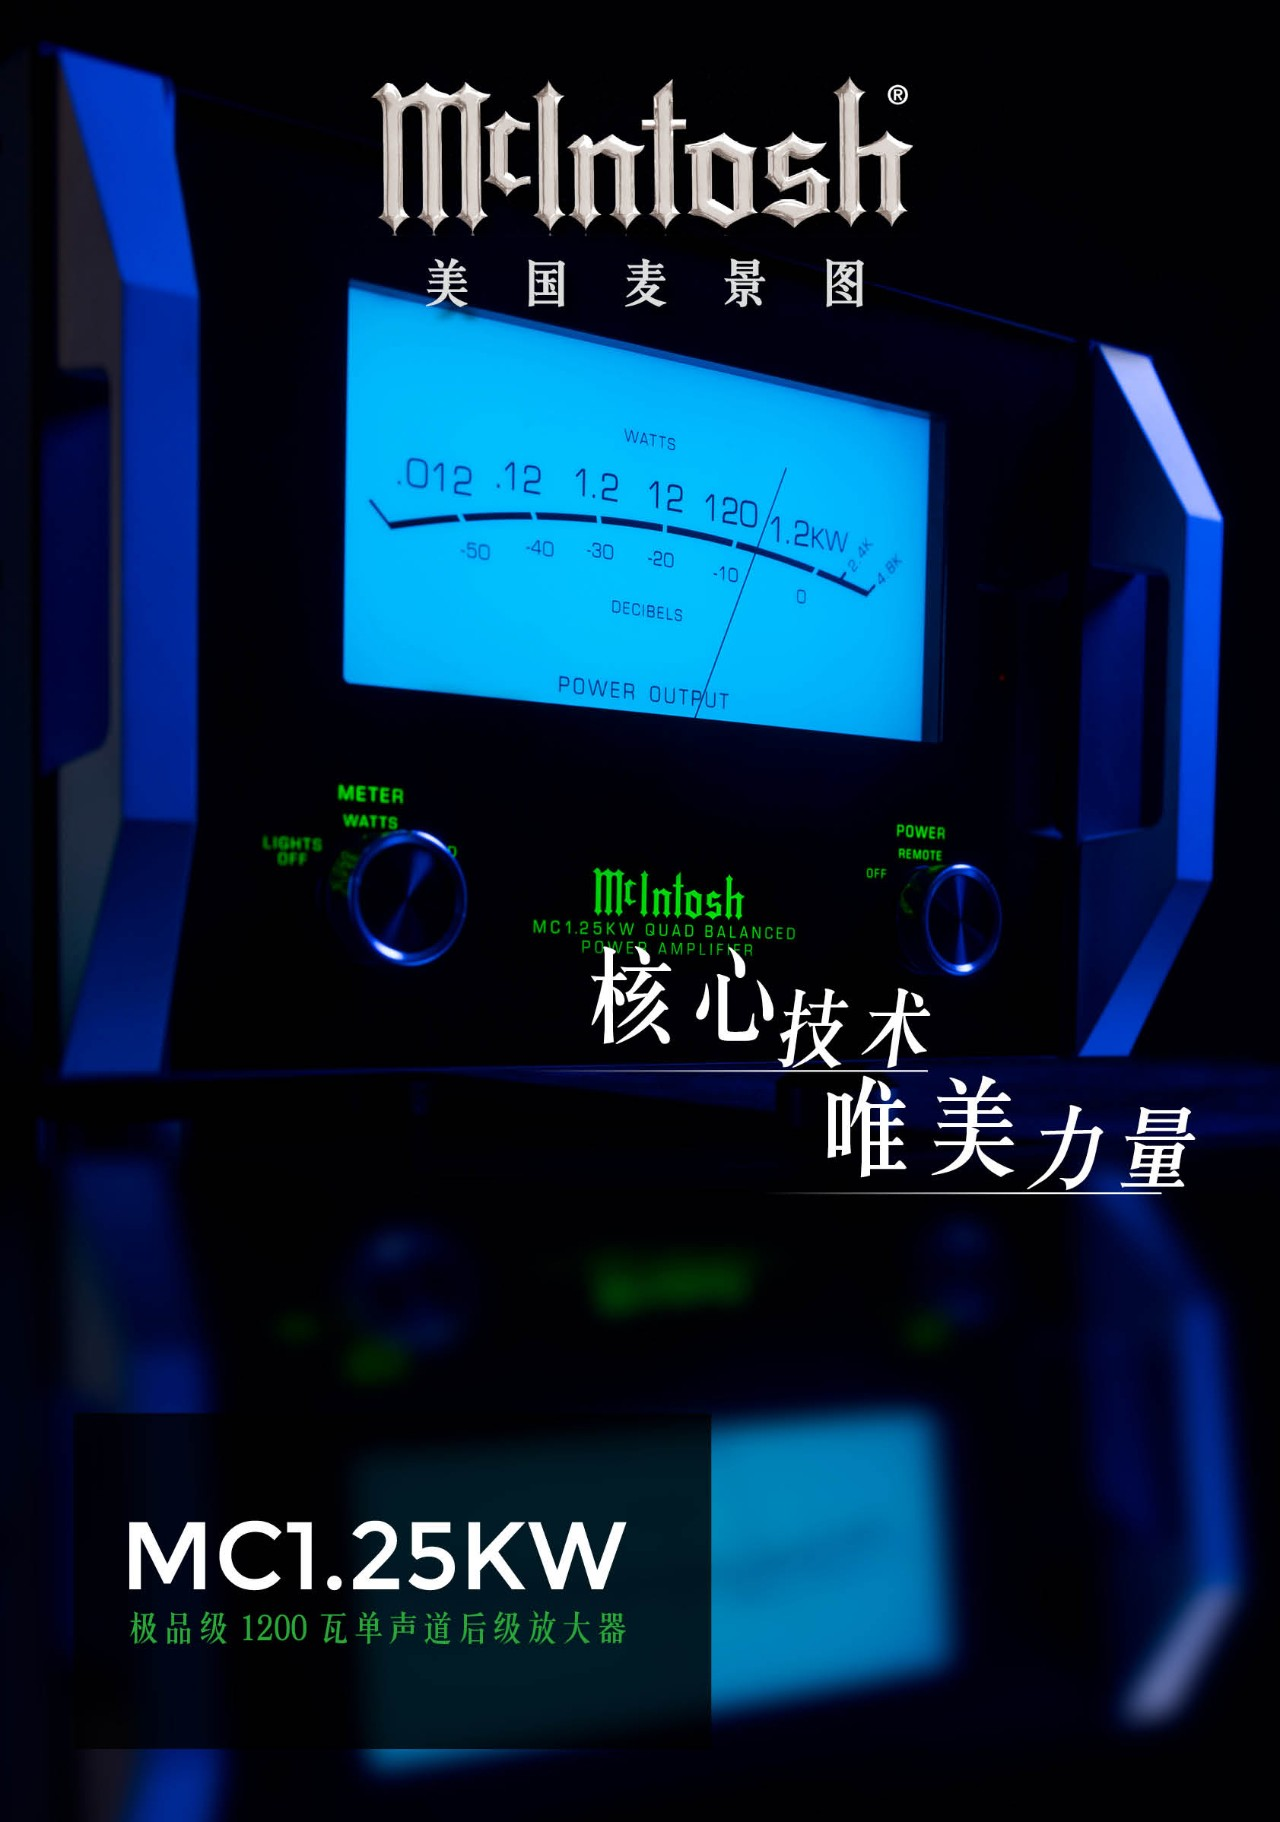 640 8 - 推荐 | McIntosh美国麦景图 MC1.25KW 极品级1200瓦单声道后级放大器